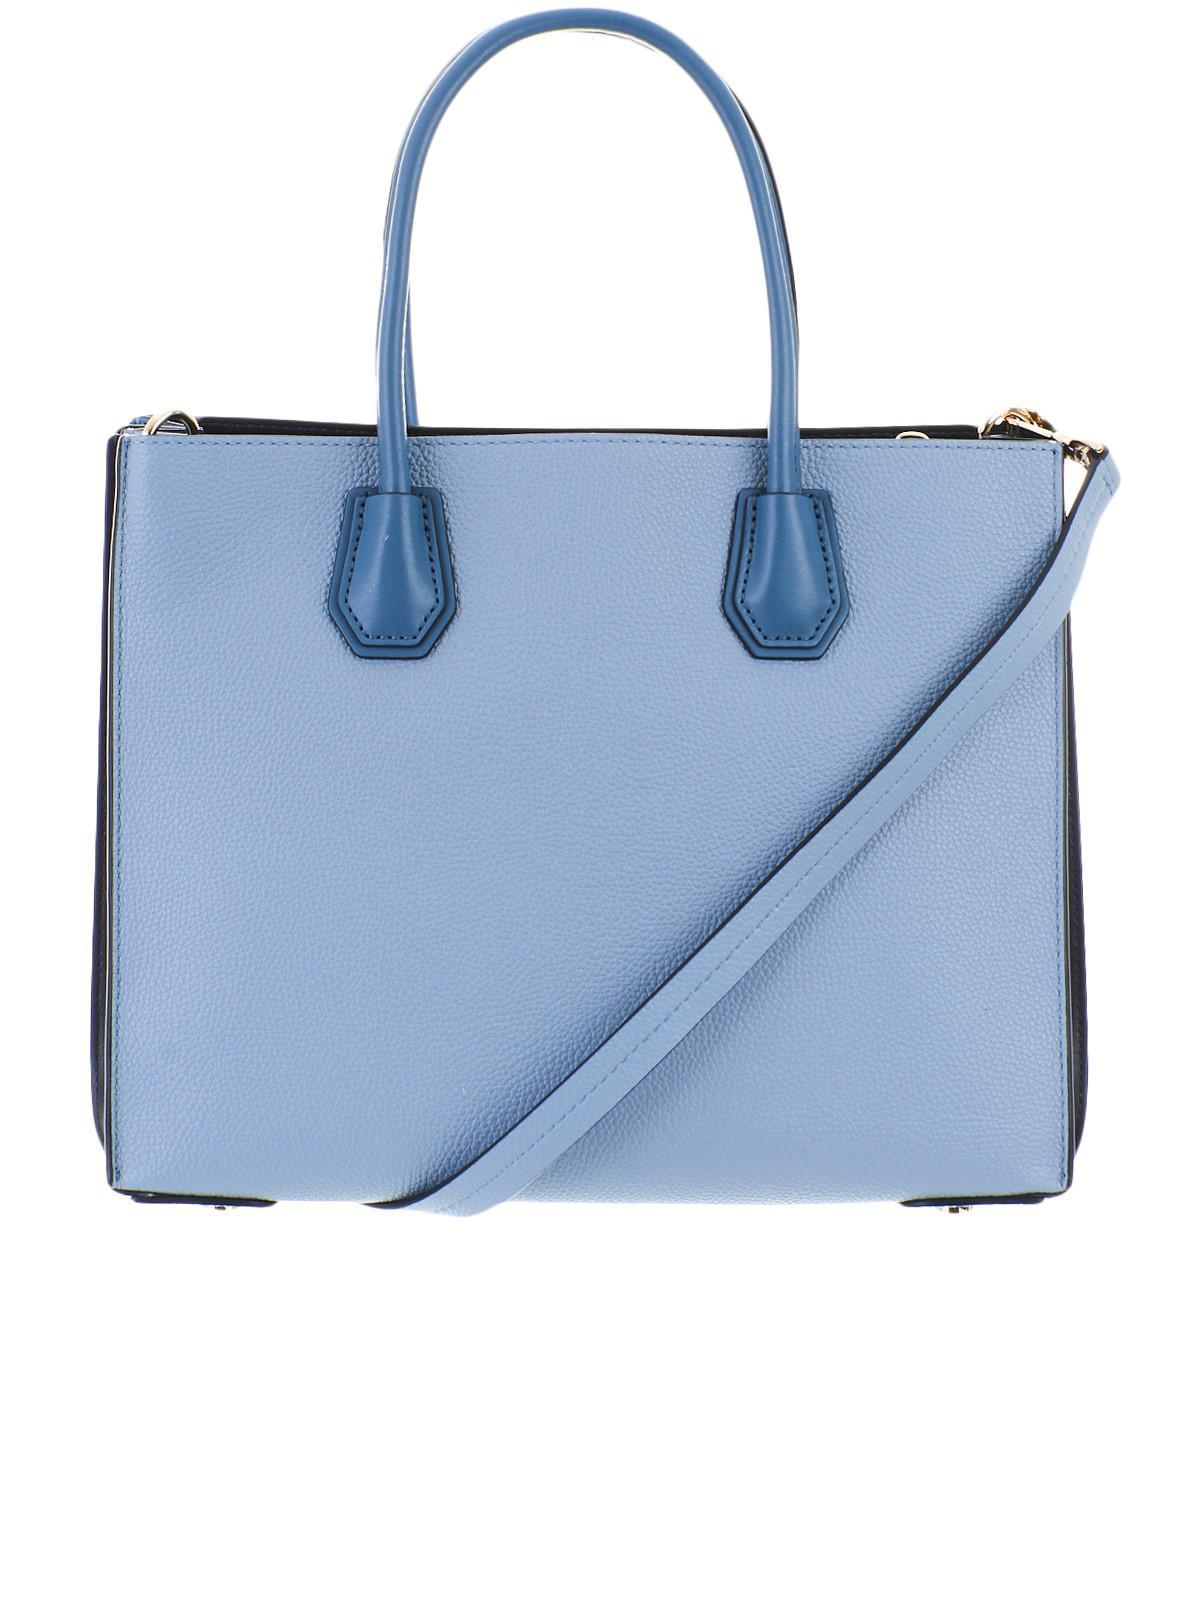 615da65e250f Lyst - Michael Kors Light Blue Mercer Lg Bag in Blue